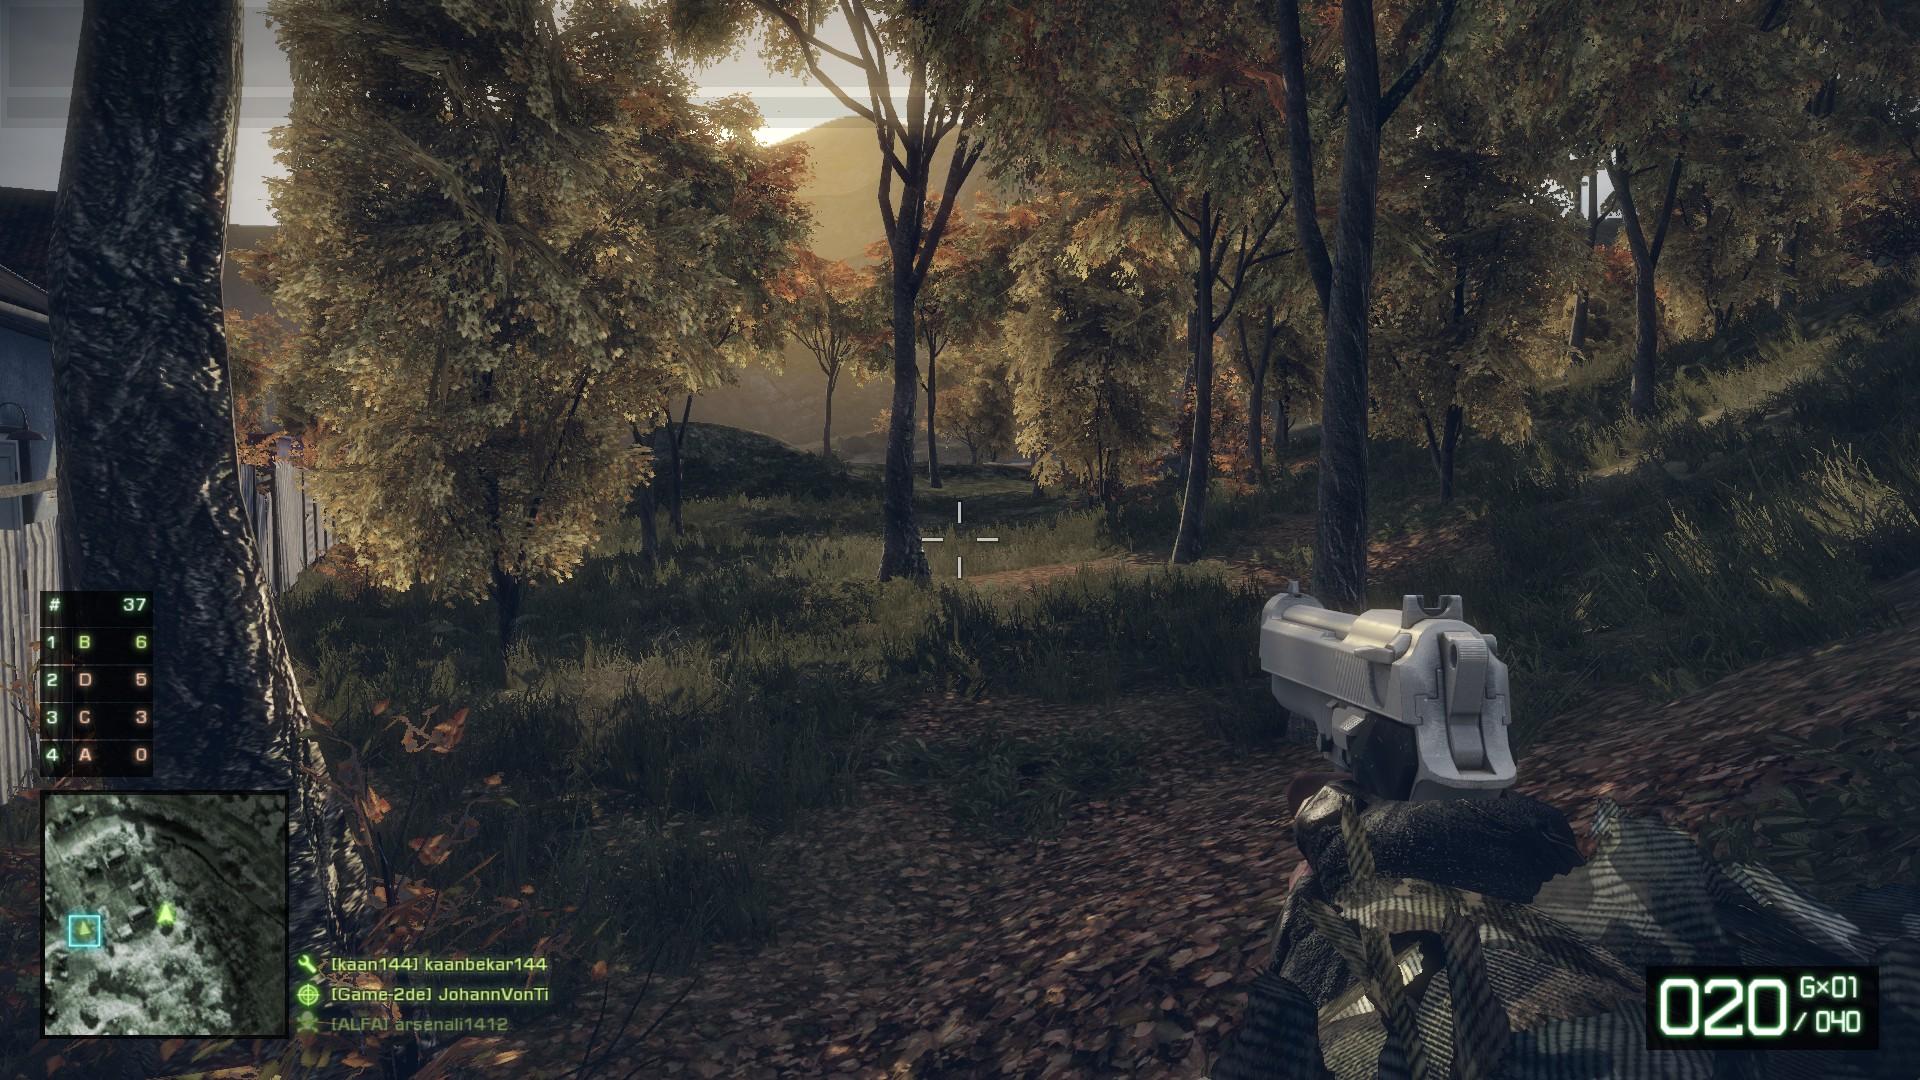 Battlefield Bad Company 2 - In einem Wäldchen